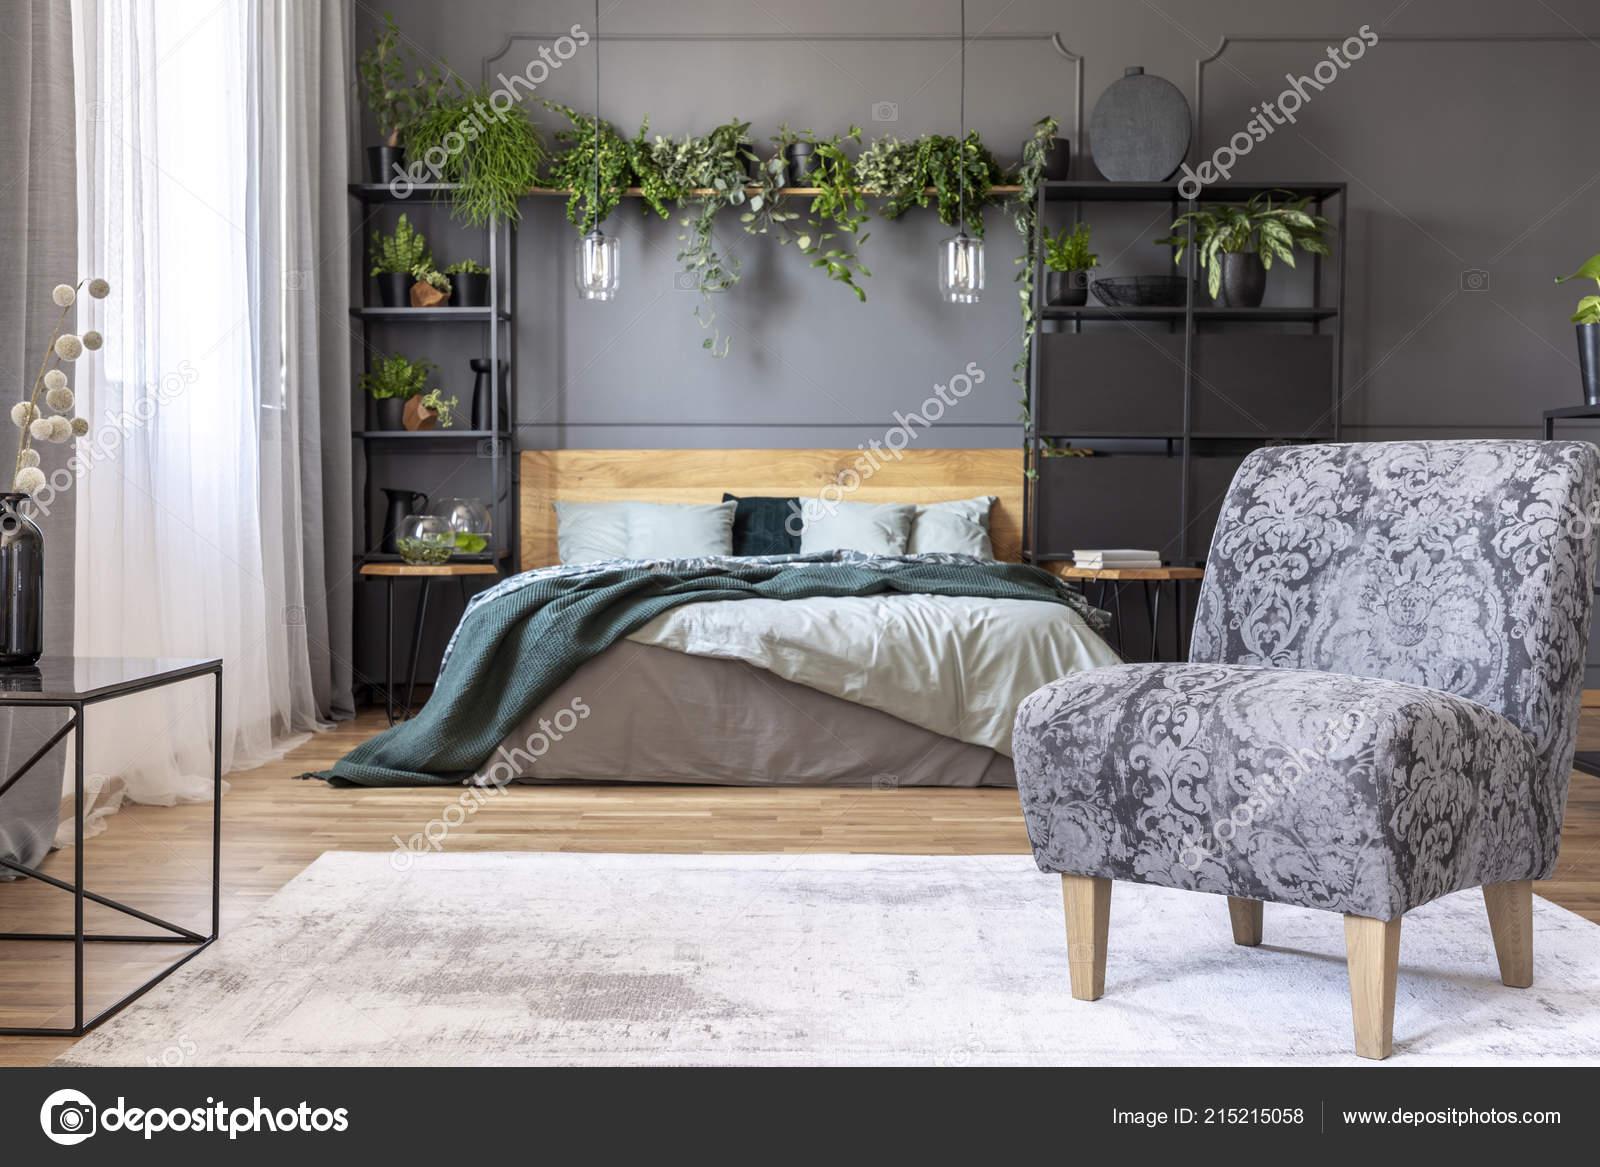 Gemusterte Graues Sessel Schlafzimmer Innenraum Mit Pflanzen ...